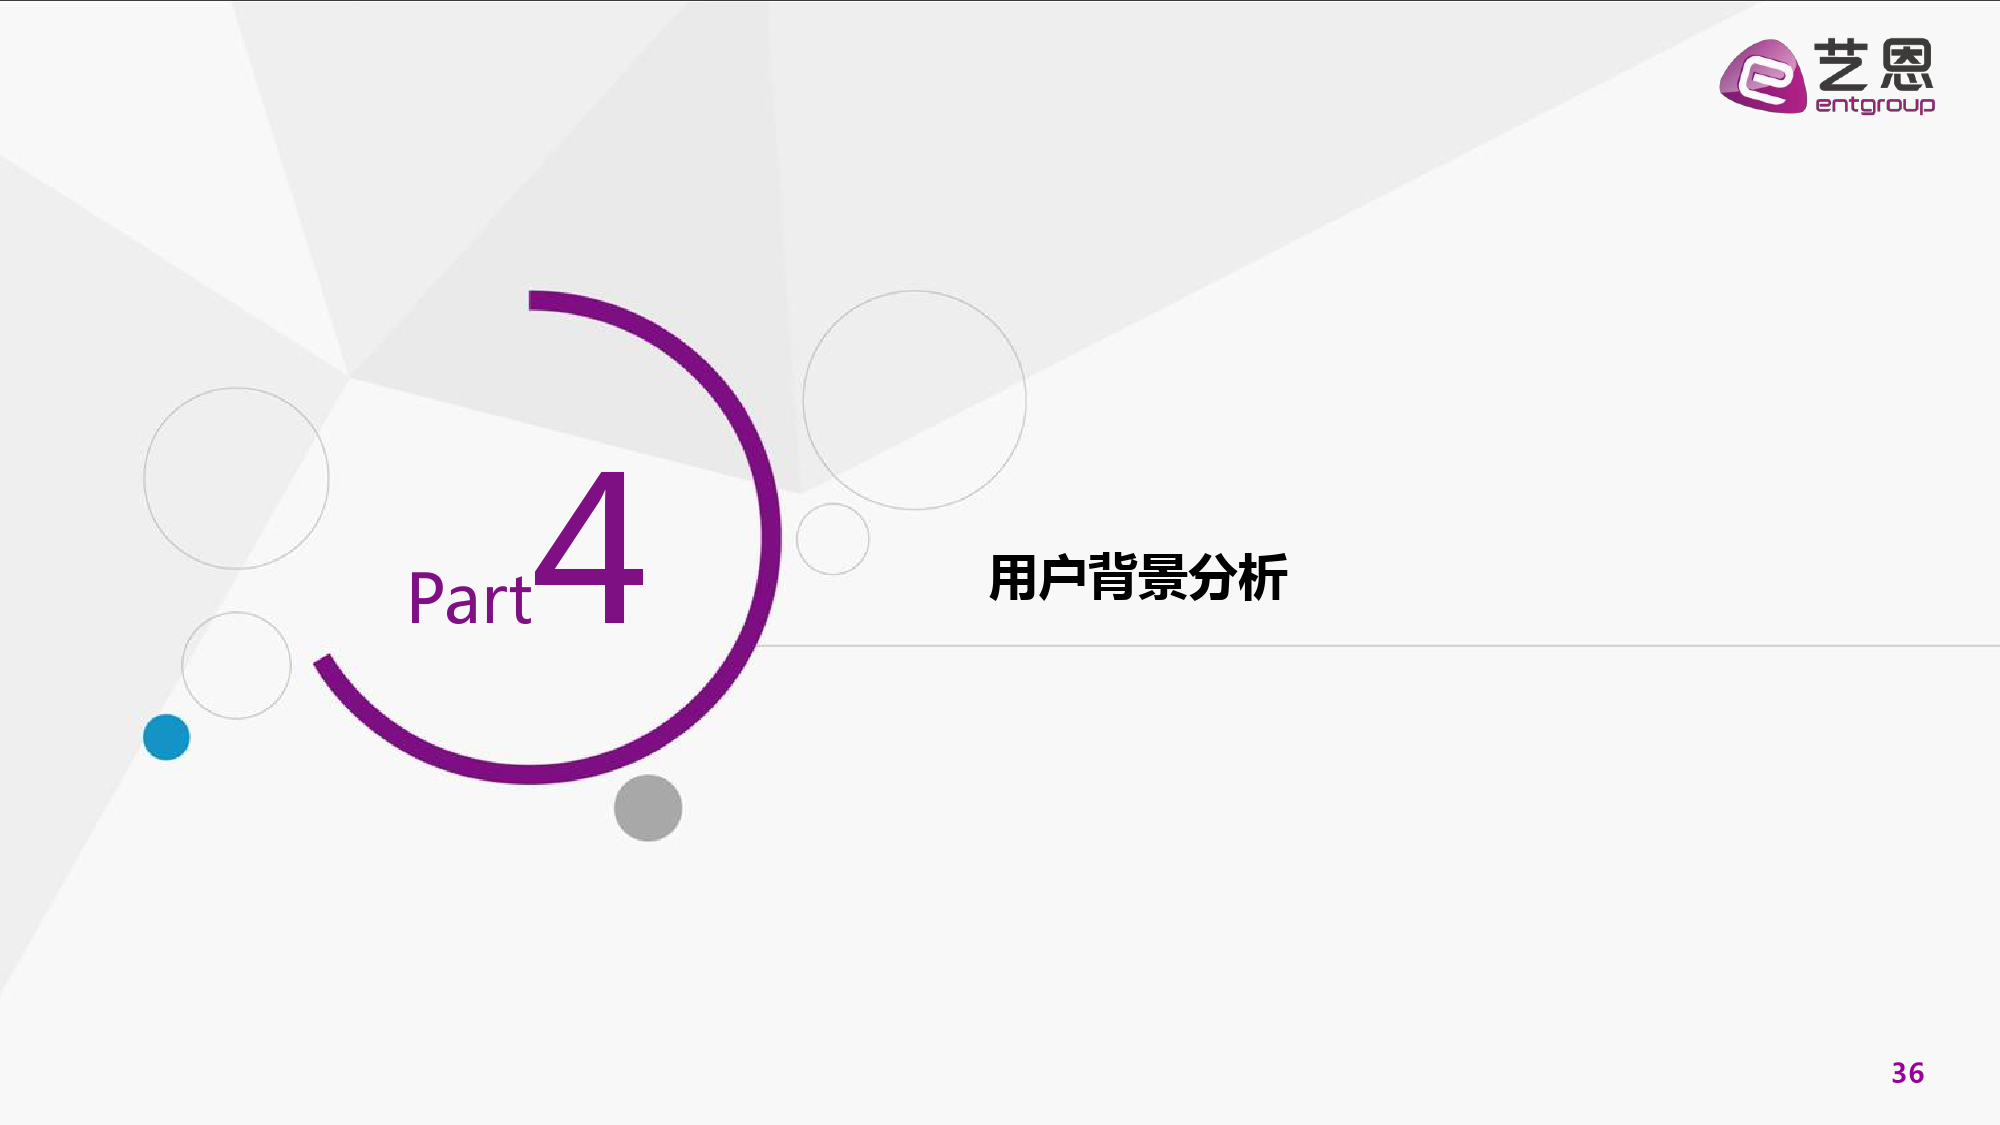 2016年中国电影在线票务市场研究报告_000036